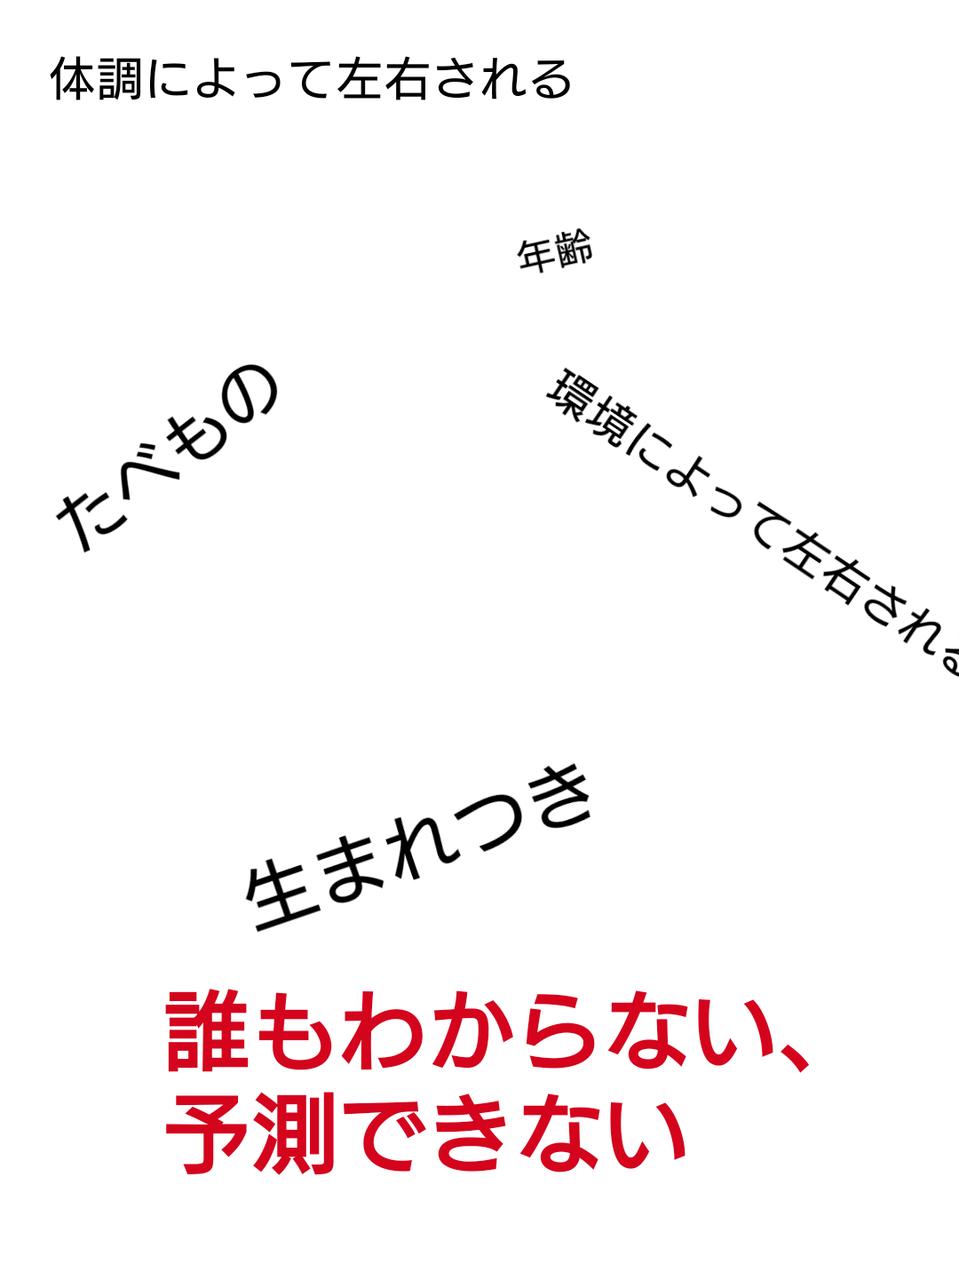 sketch-1593467178097